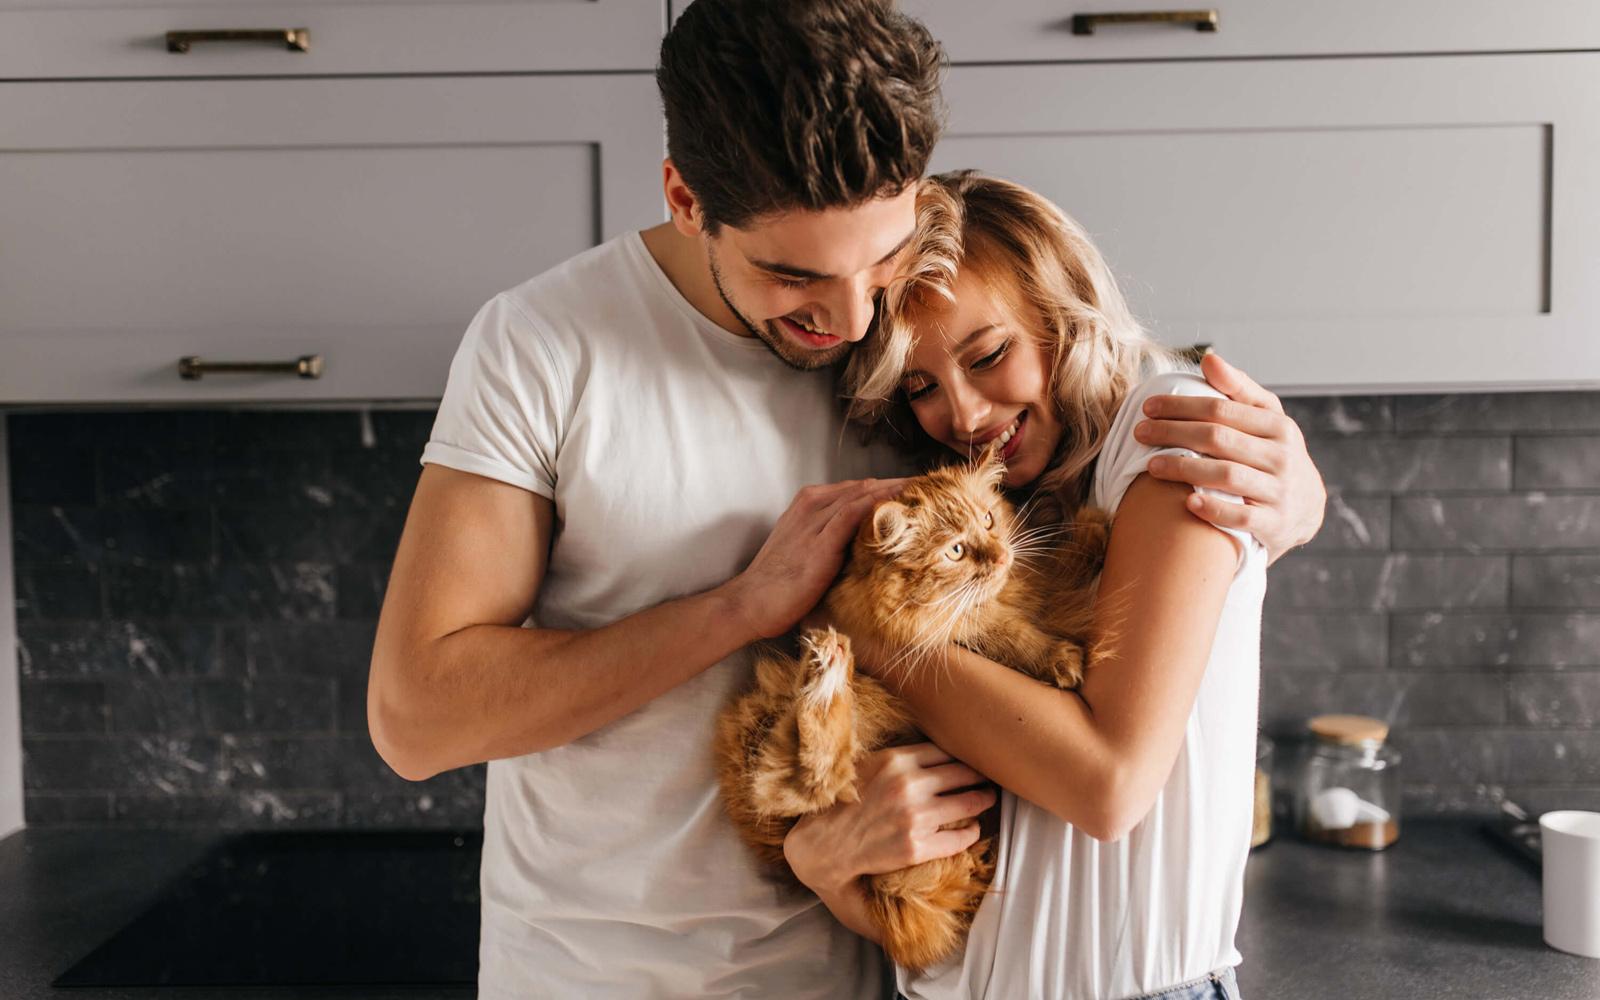 Joven pareja abrazando a un gato.